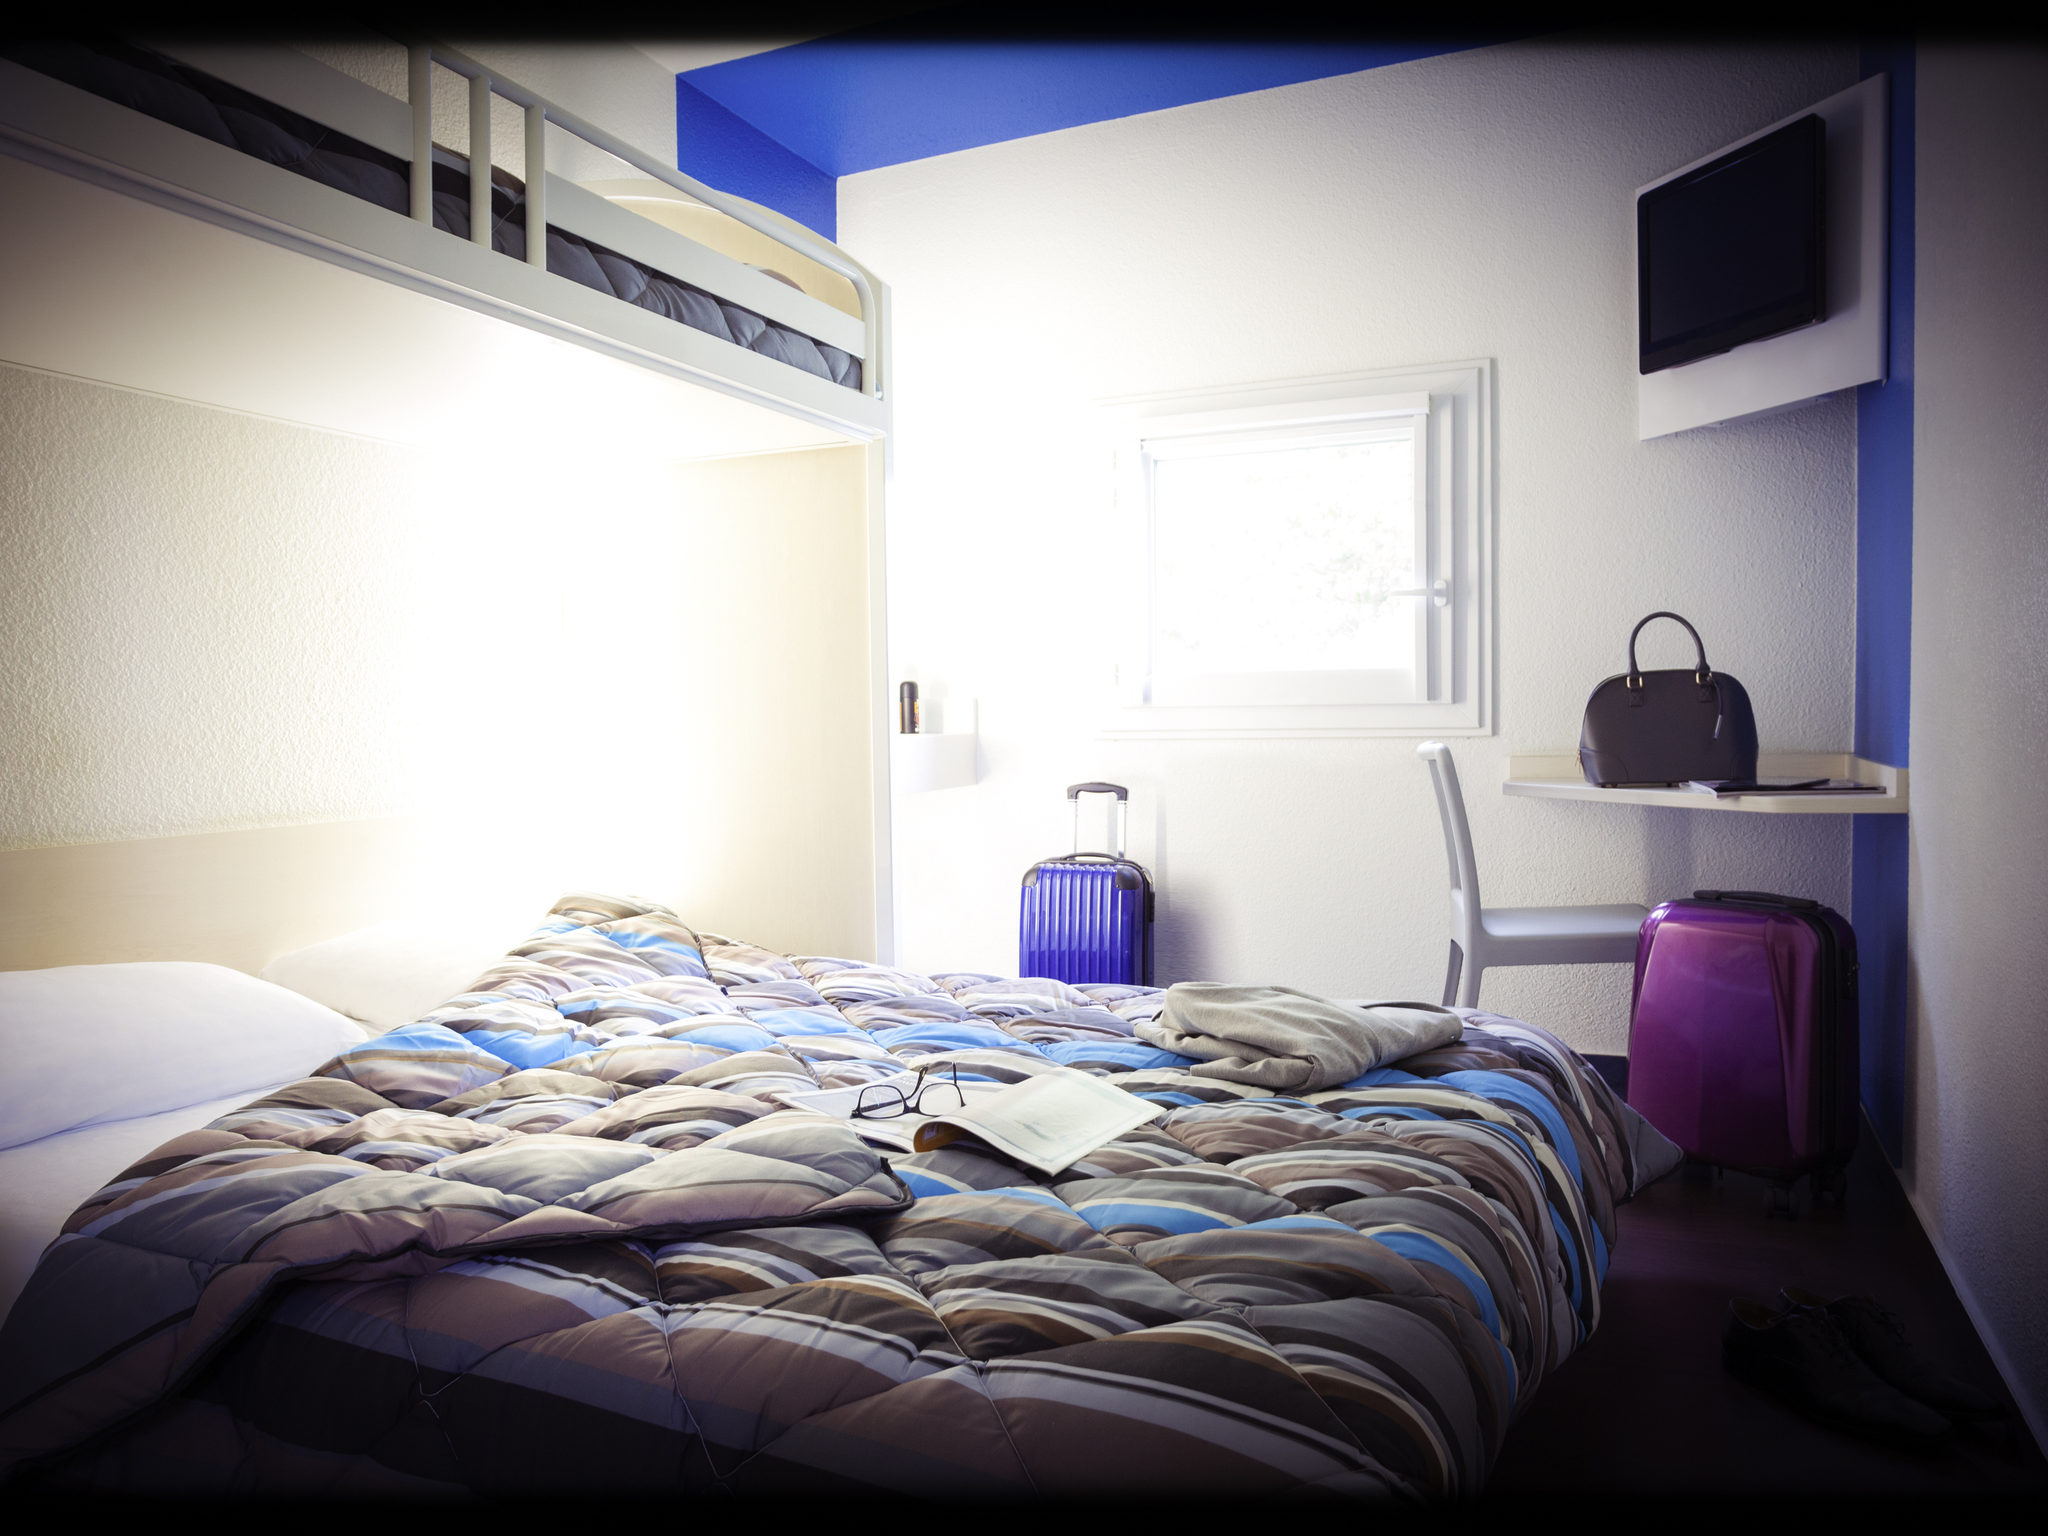 ホテル – hotelF1 Dunkerque Grande-Synthe